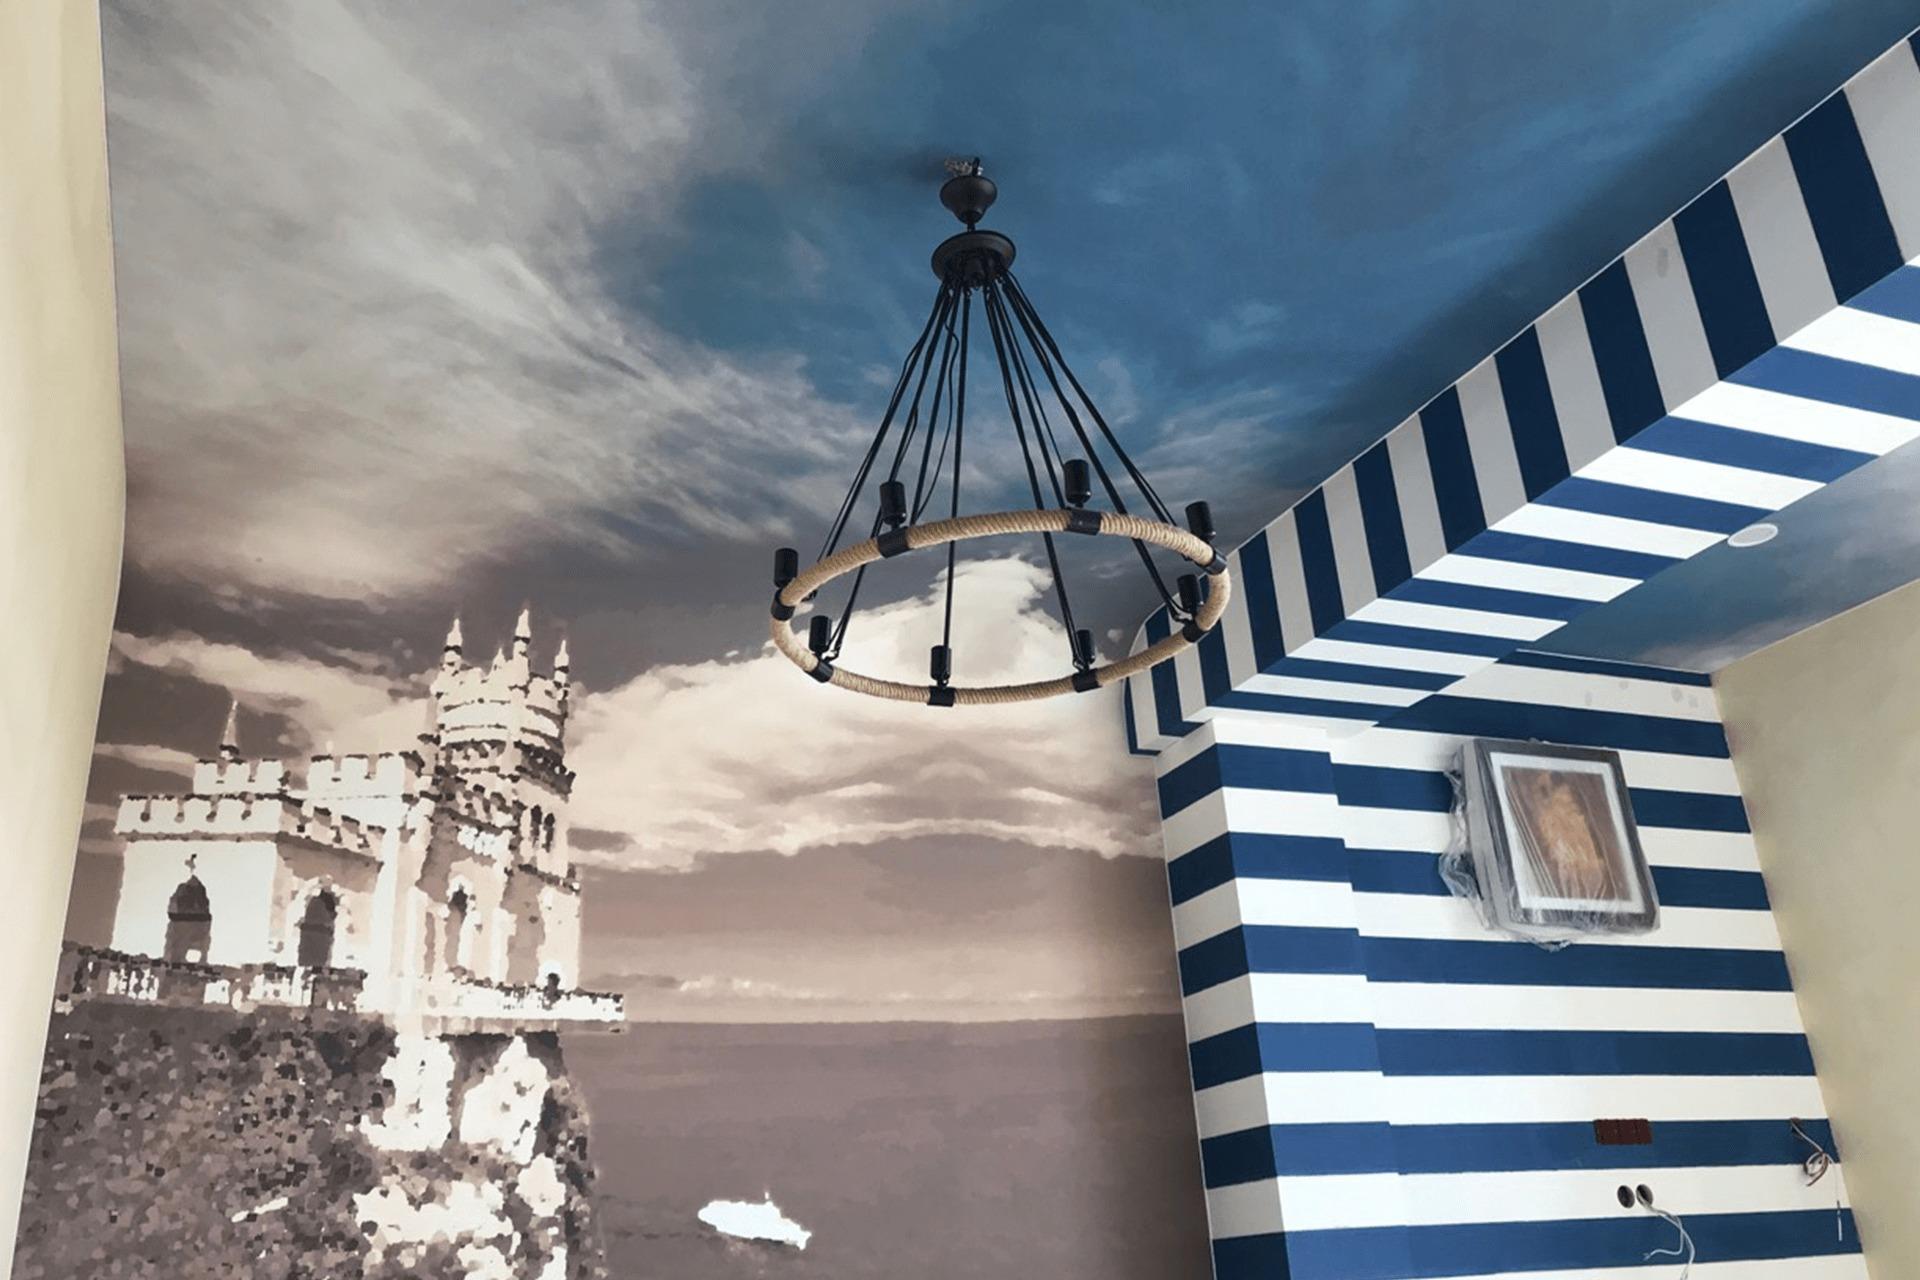 Натяжная стена и натяжной потолок с единой фотопечатью Ласточкино гнездо